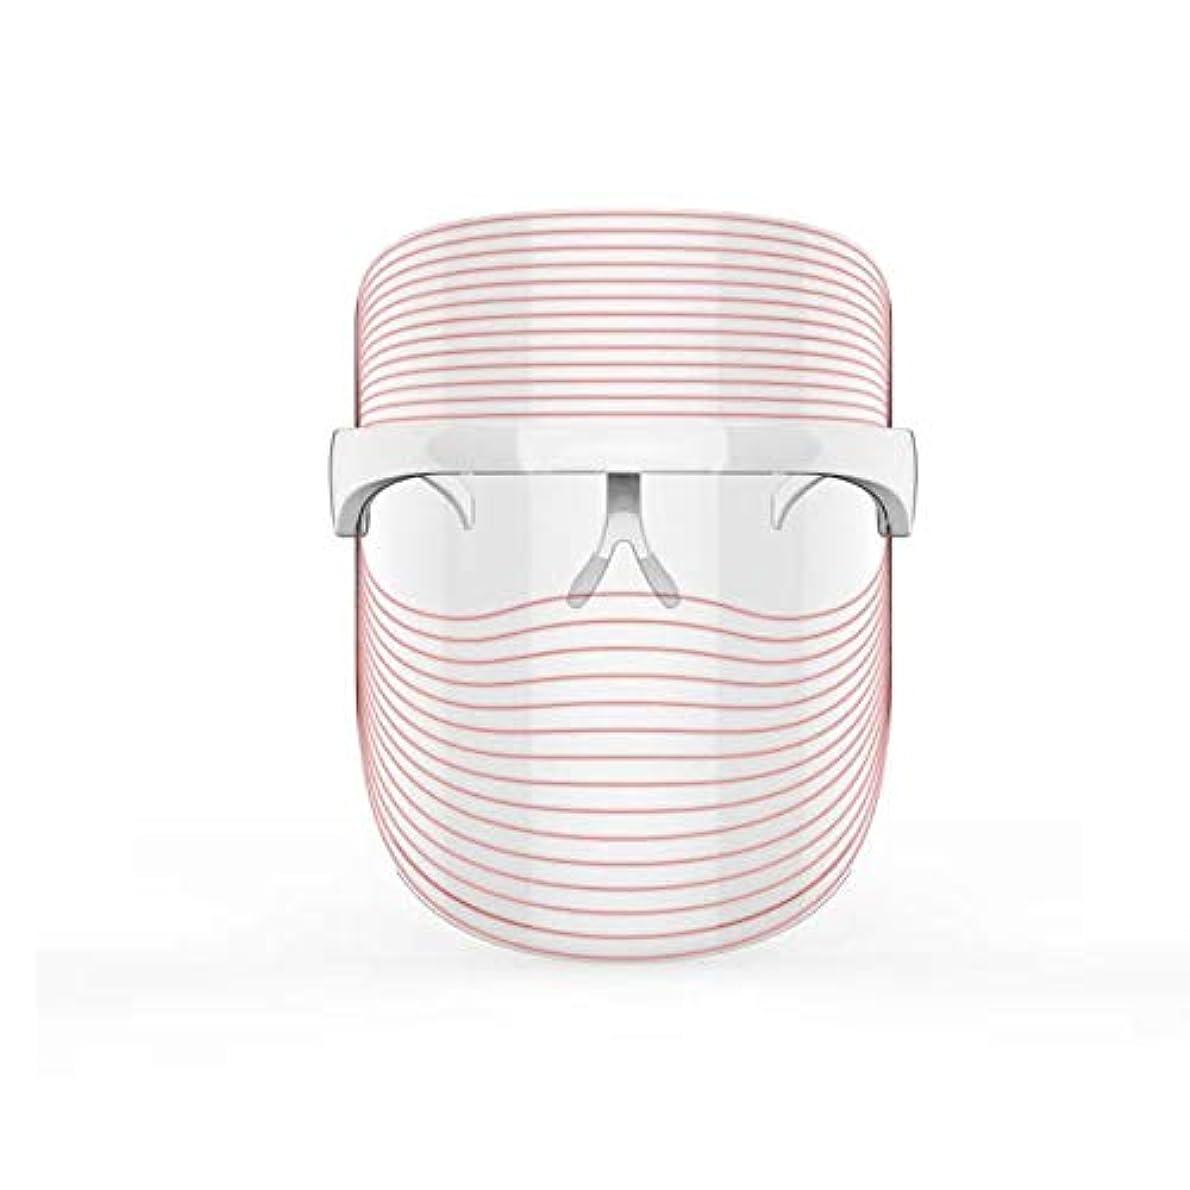 うめき声問題タイマー3色LEDマスクフェイス&ネックネオン白熱LEDフェイスマスク電動フェイシャルスキンケアフェイススキンビューティー